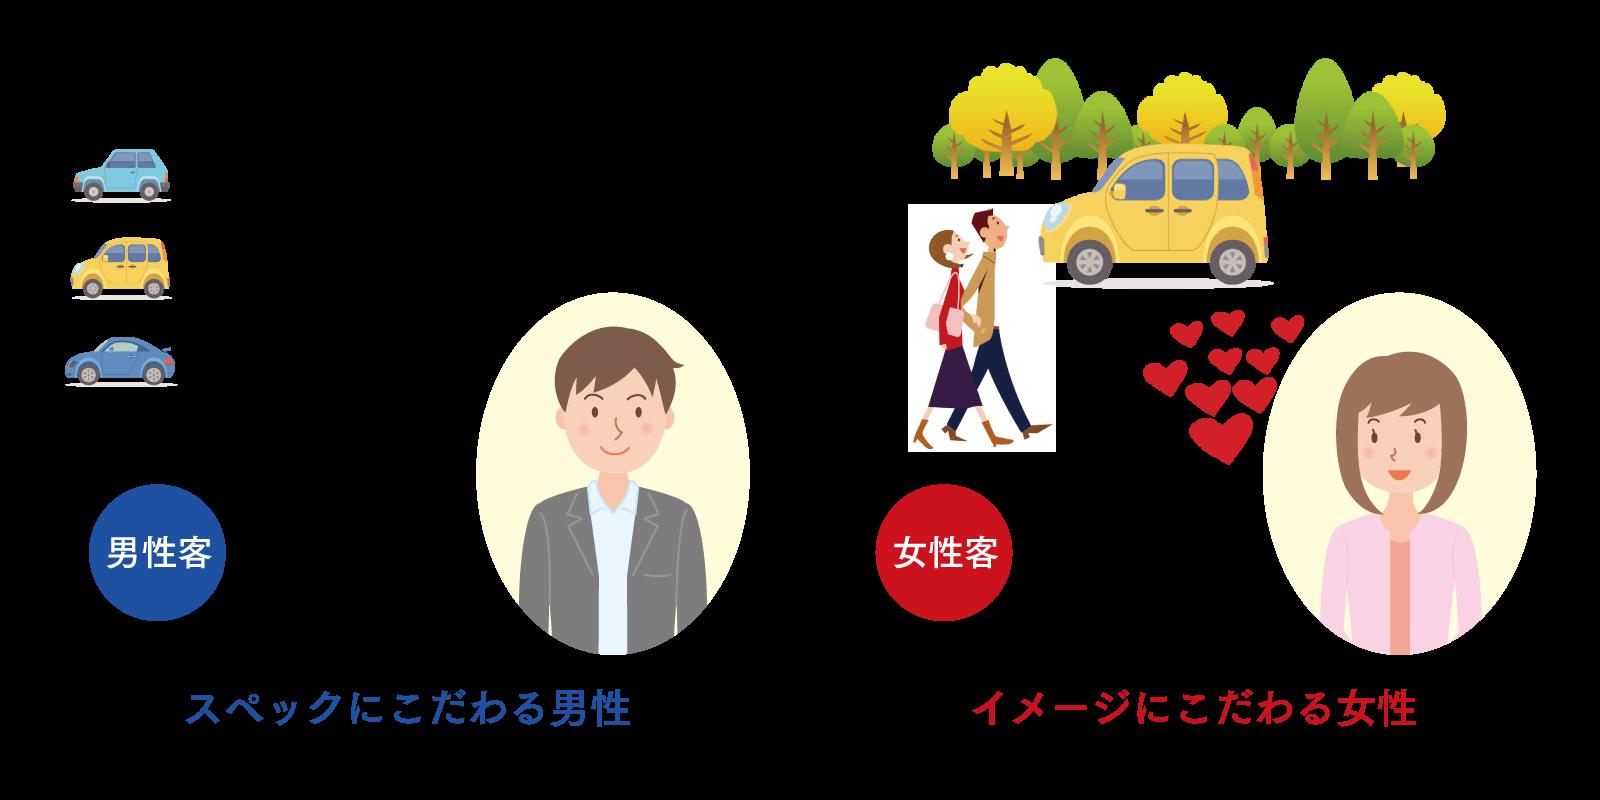 車を購入する場合、価格や性能などのスペックにこだわる男性と、デートをする楽しいイメージにこだわる女性のイラスト